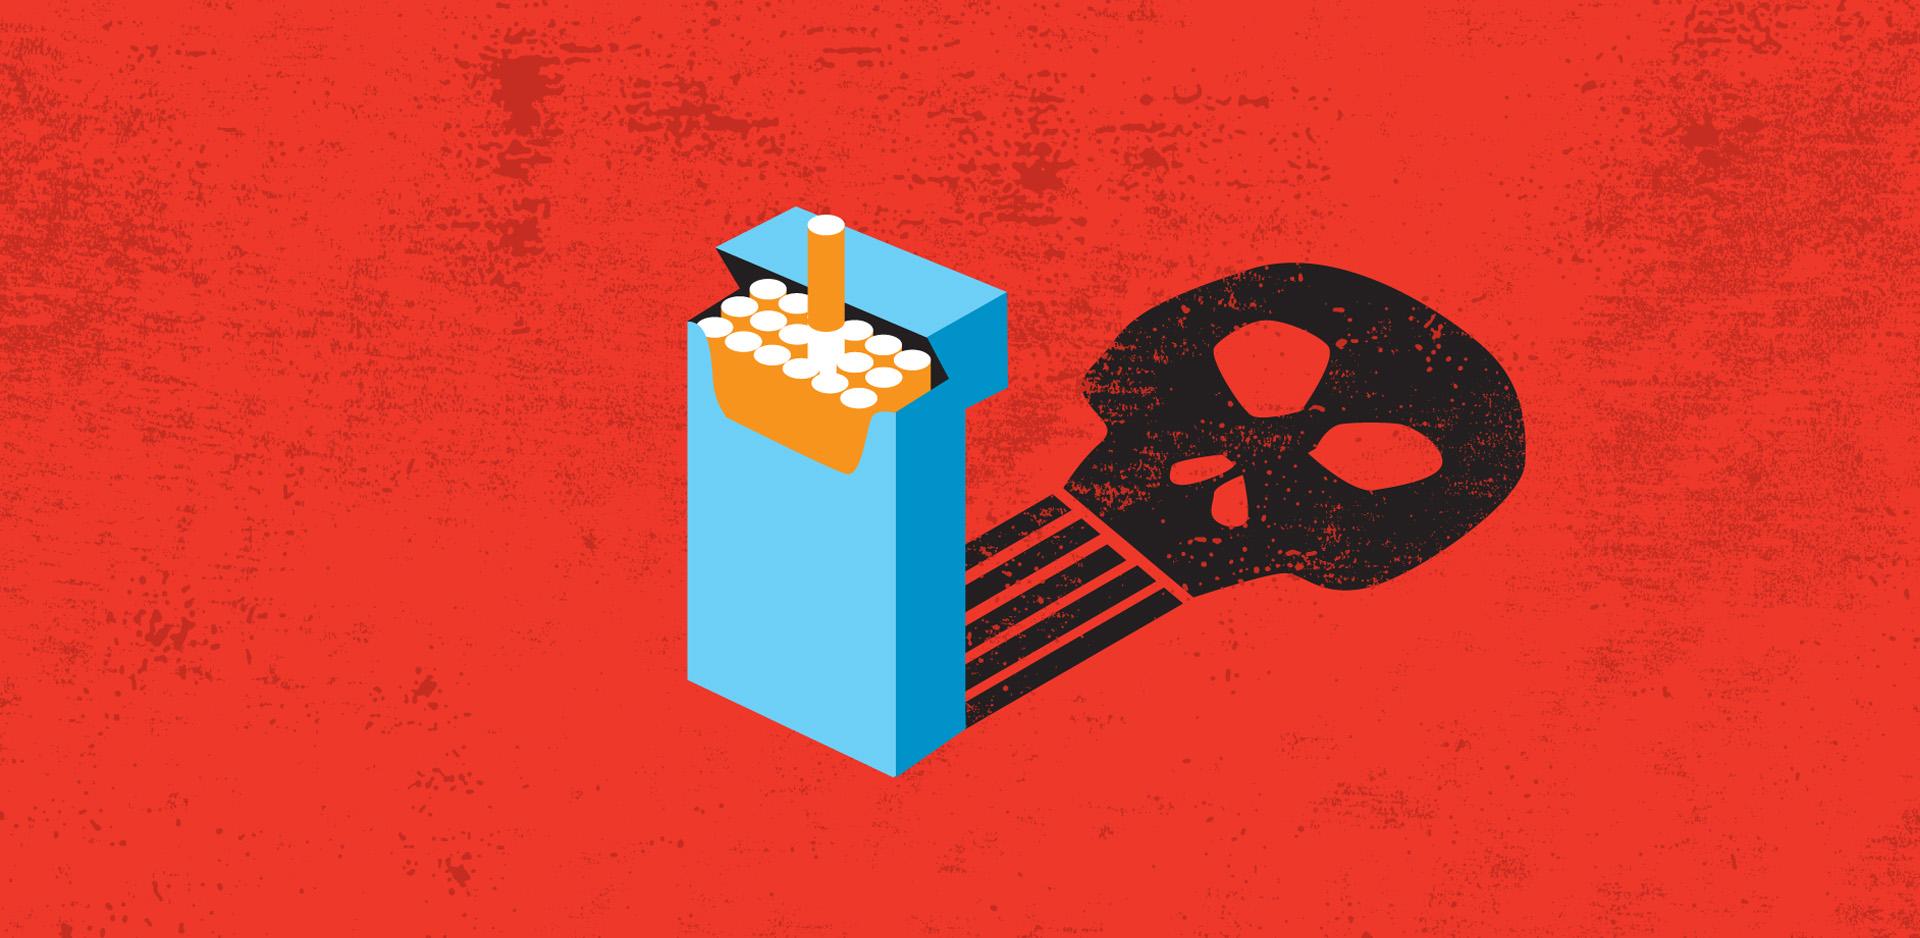 The Nicotine Fix - The Atlantic